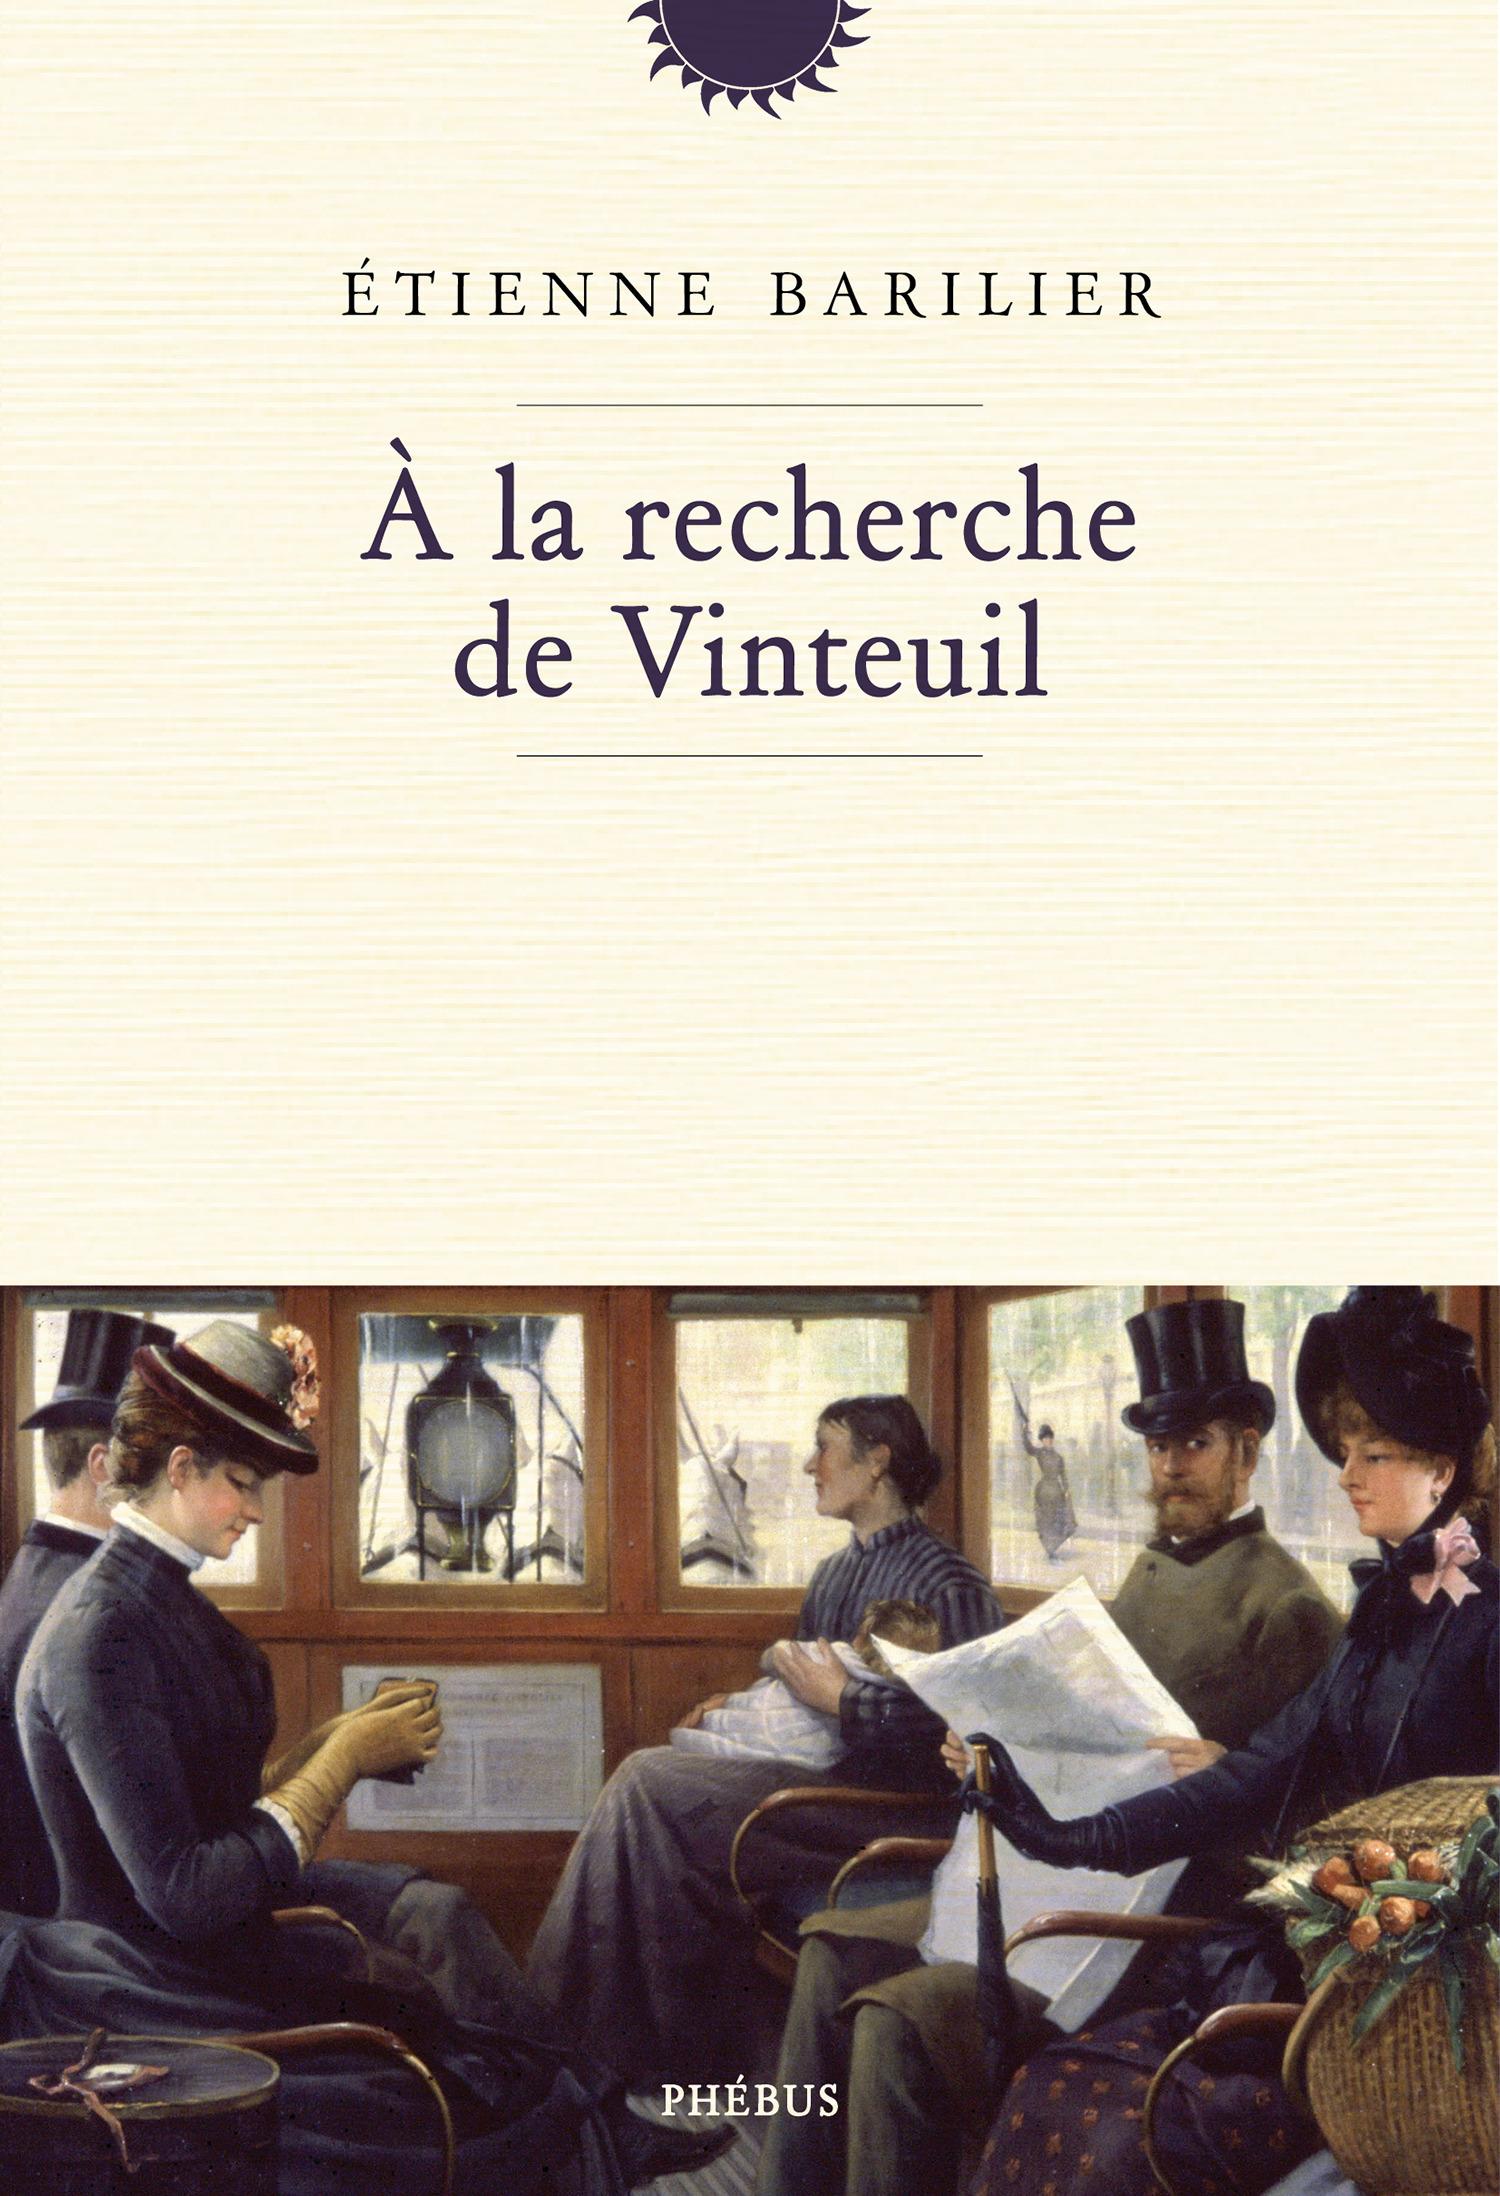 A la recherche de Vinteuil